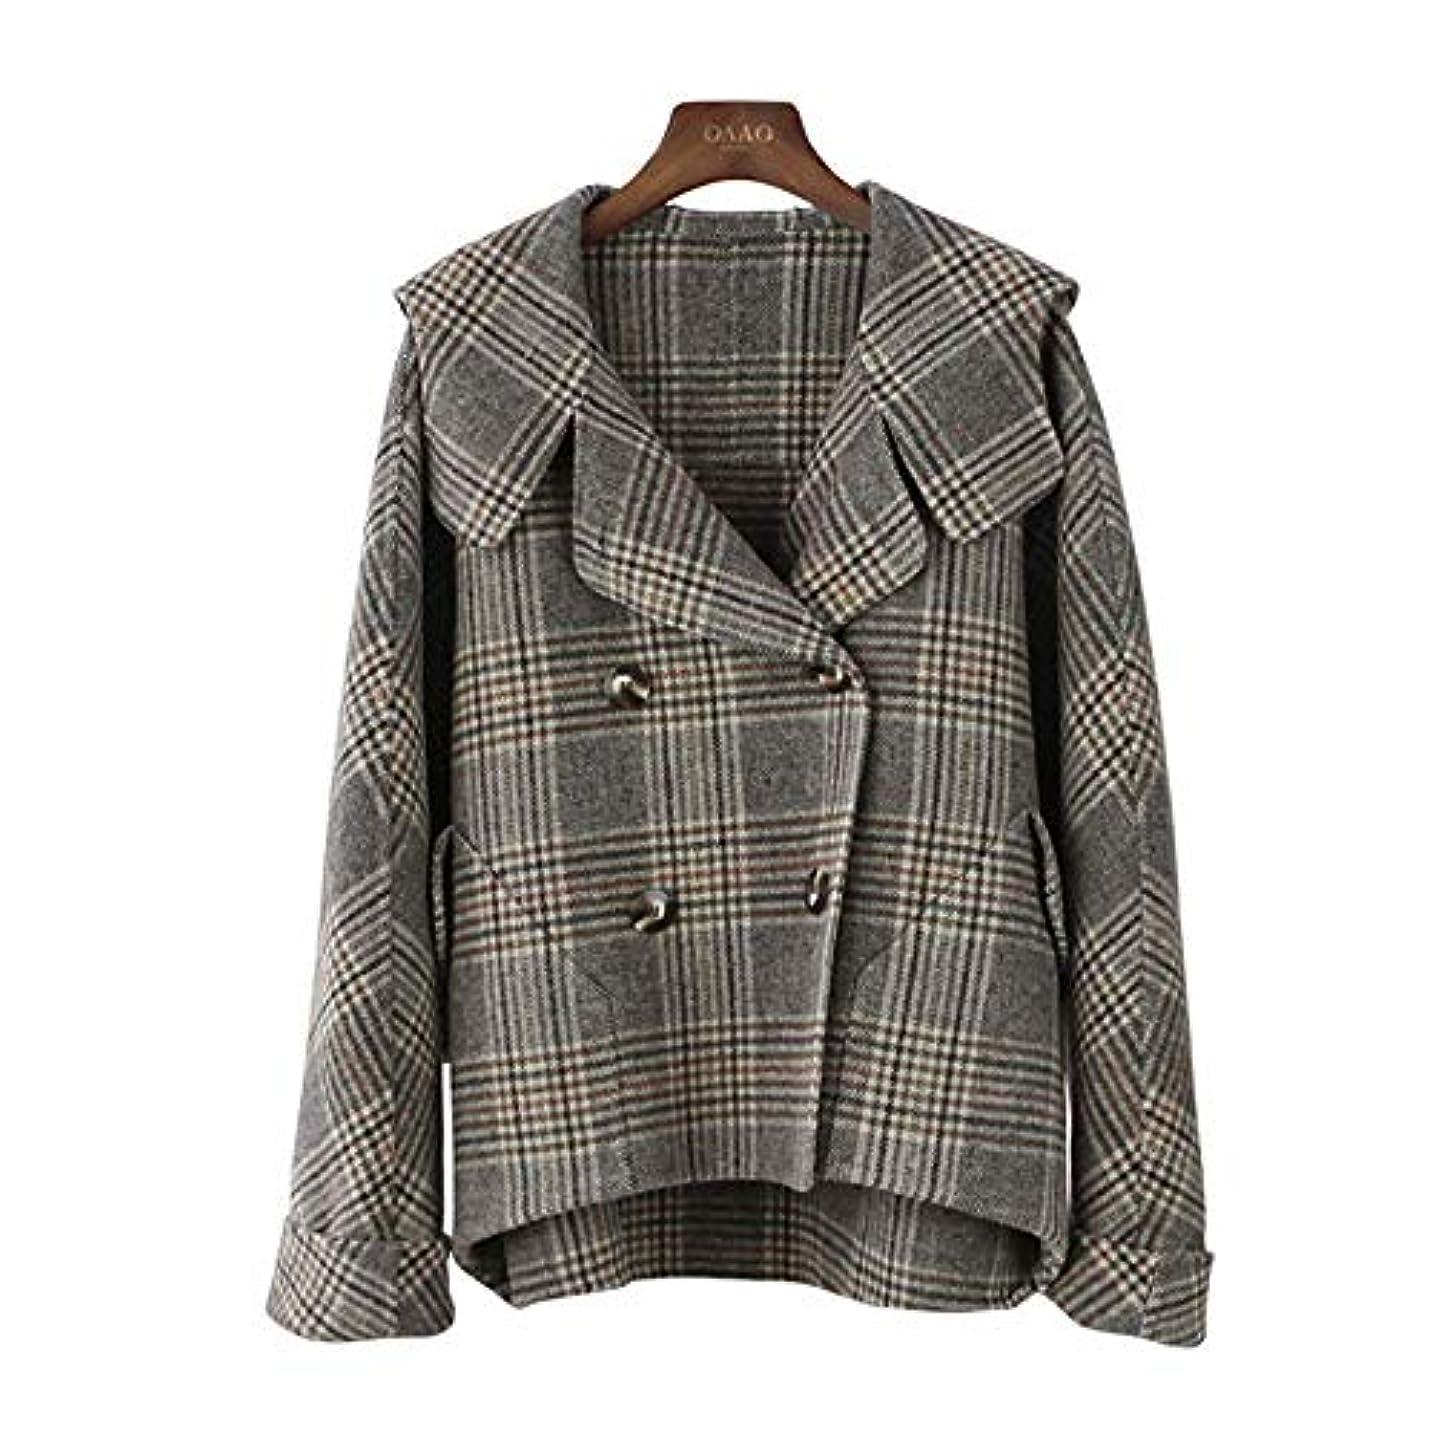 旅行者混沌認識カシミヤのコート、秋と冬の新しいコート両面ウールのコートのフード付きのバットスリーブチェック柄コートウールコート,M